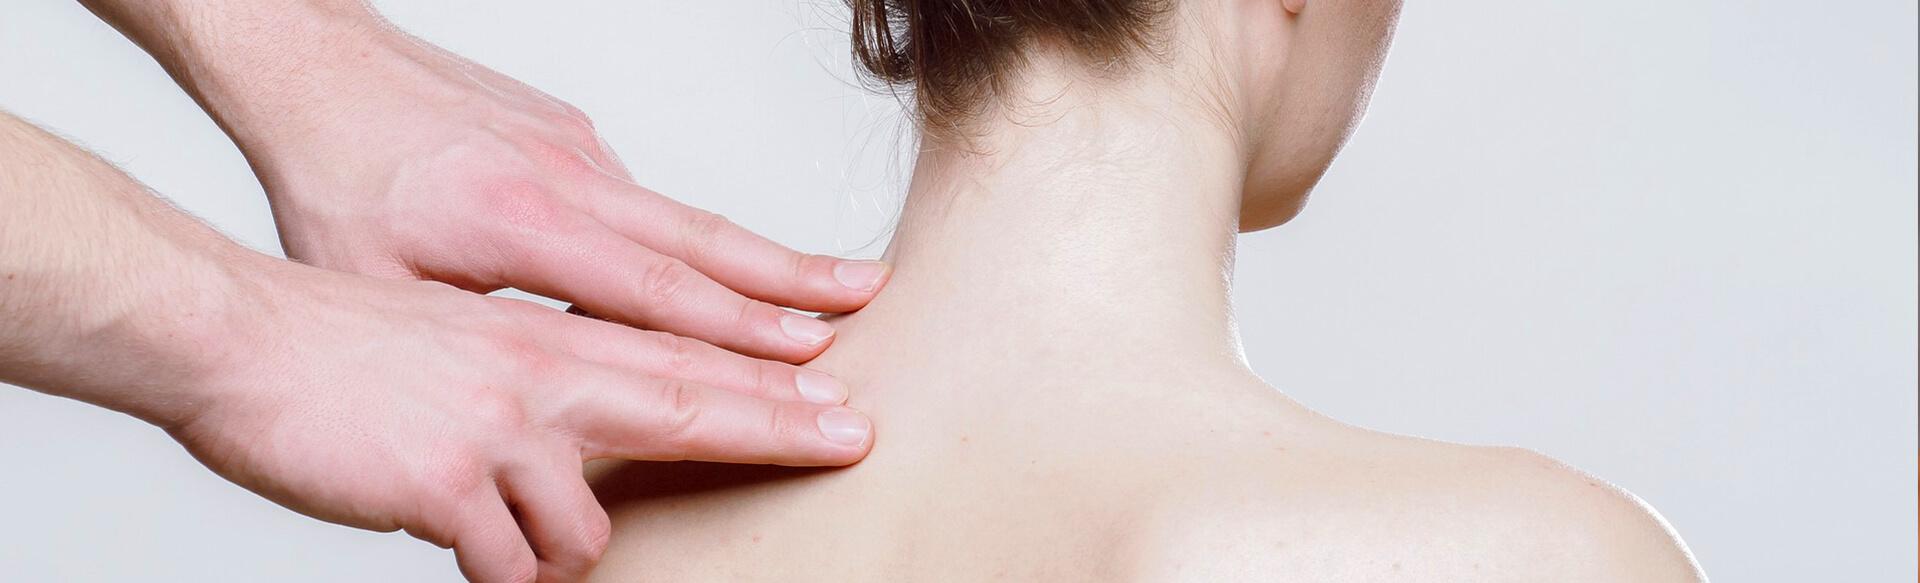 Effektiv kropsbehandling på klinik for Sundhed & Velvære